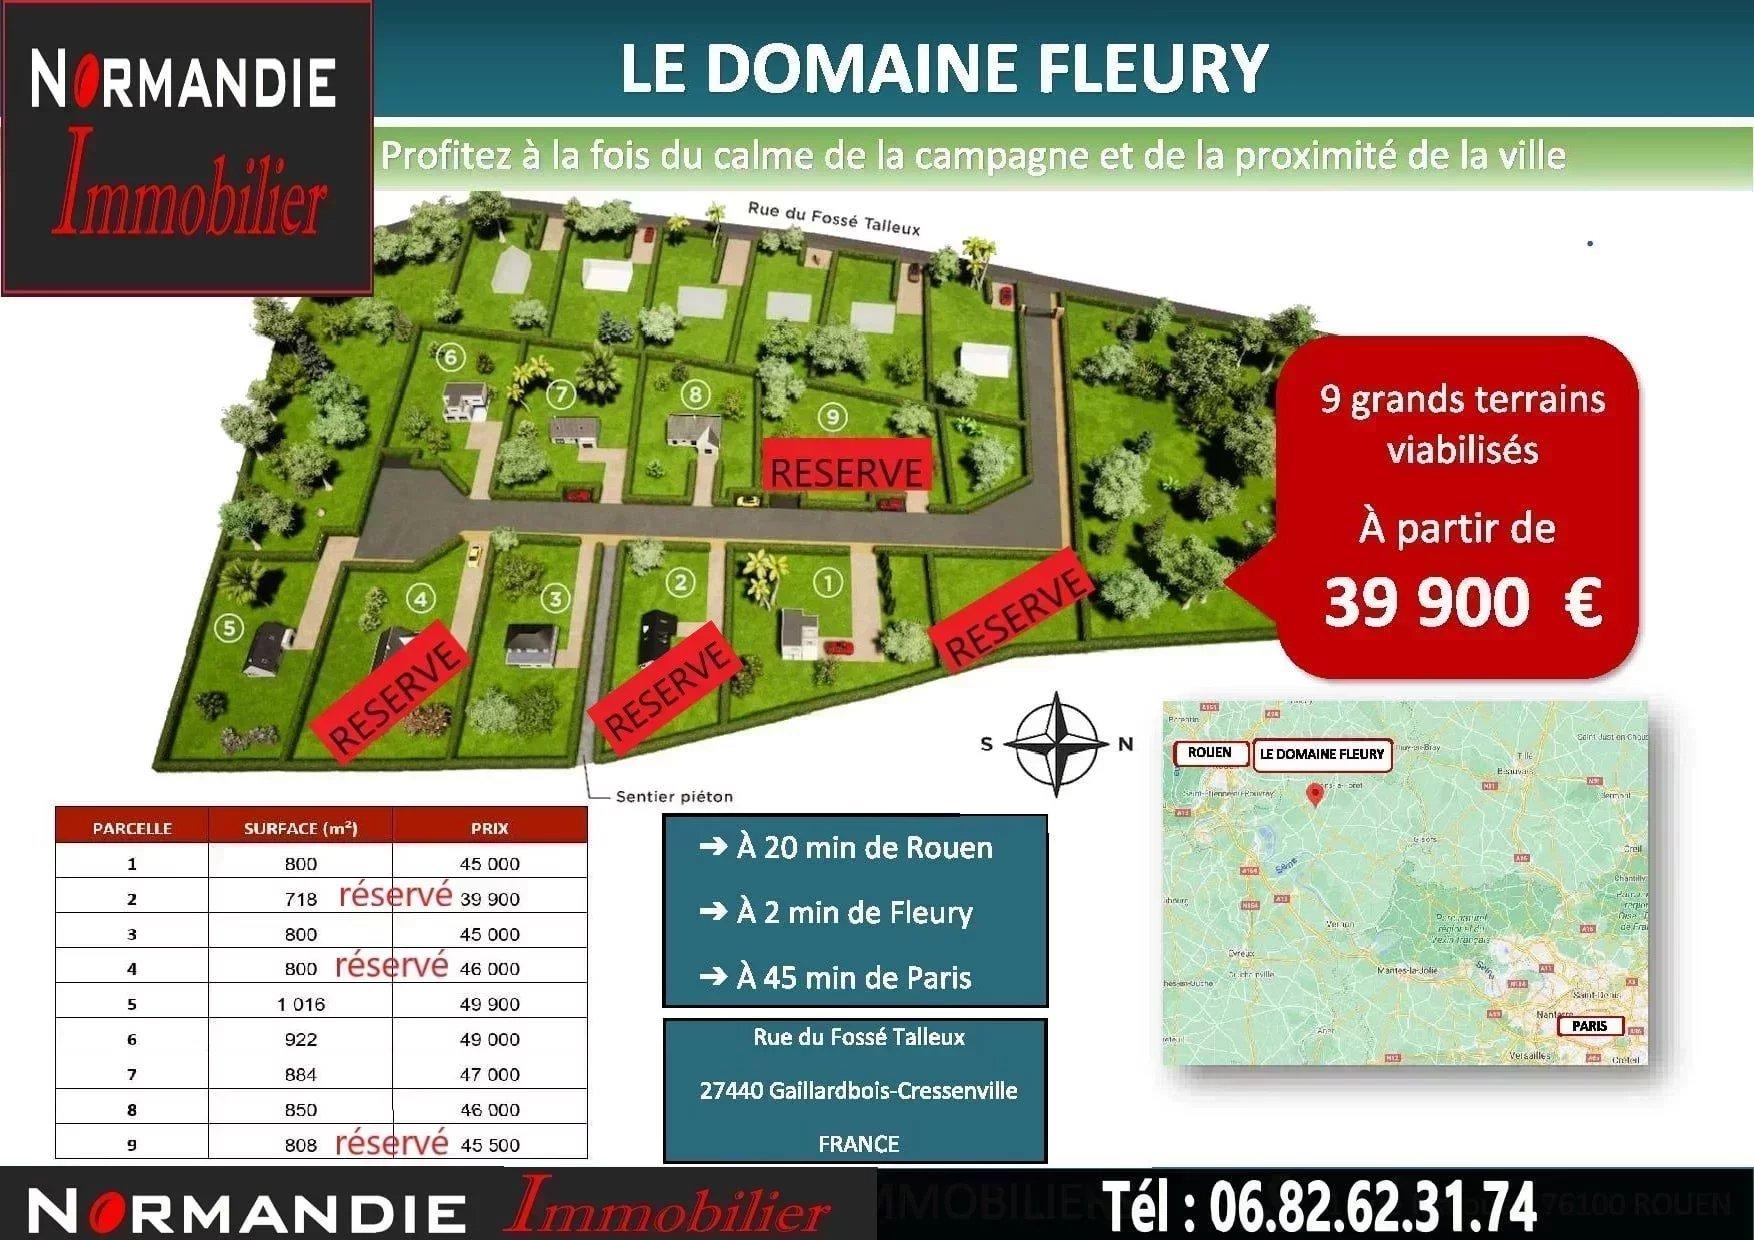 Terrain à bâtir viabilisé de 1016 m² prix 49 900 euros à 2 minutes de Fleury sur Andelle